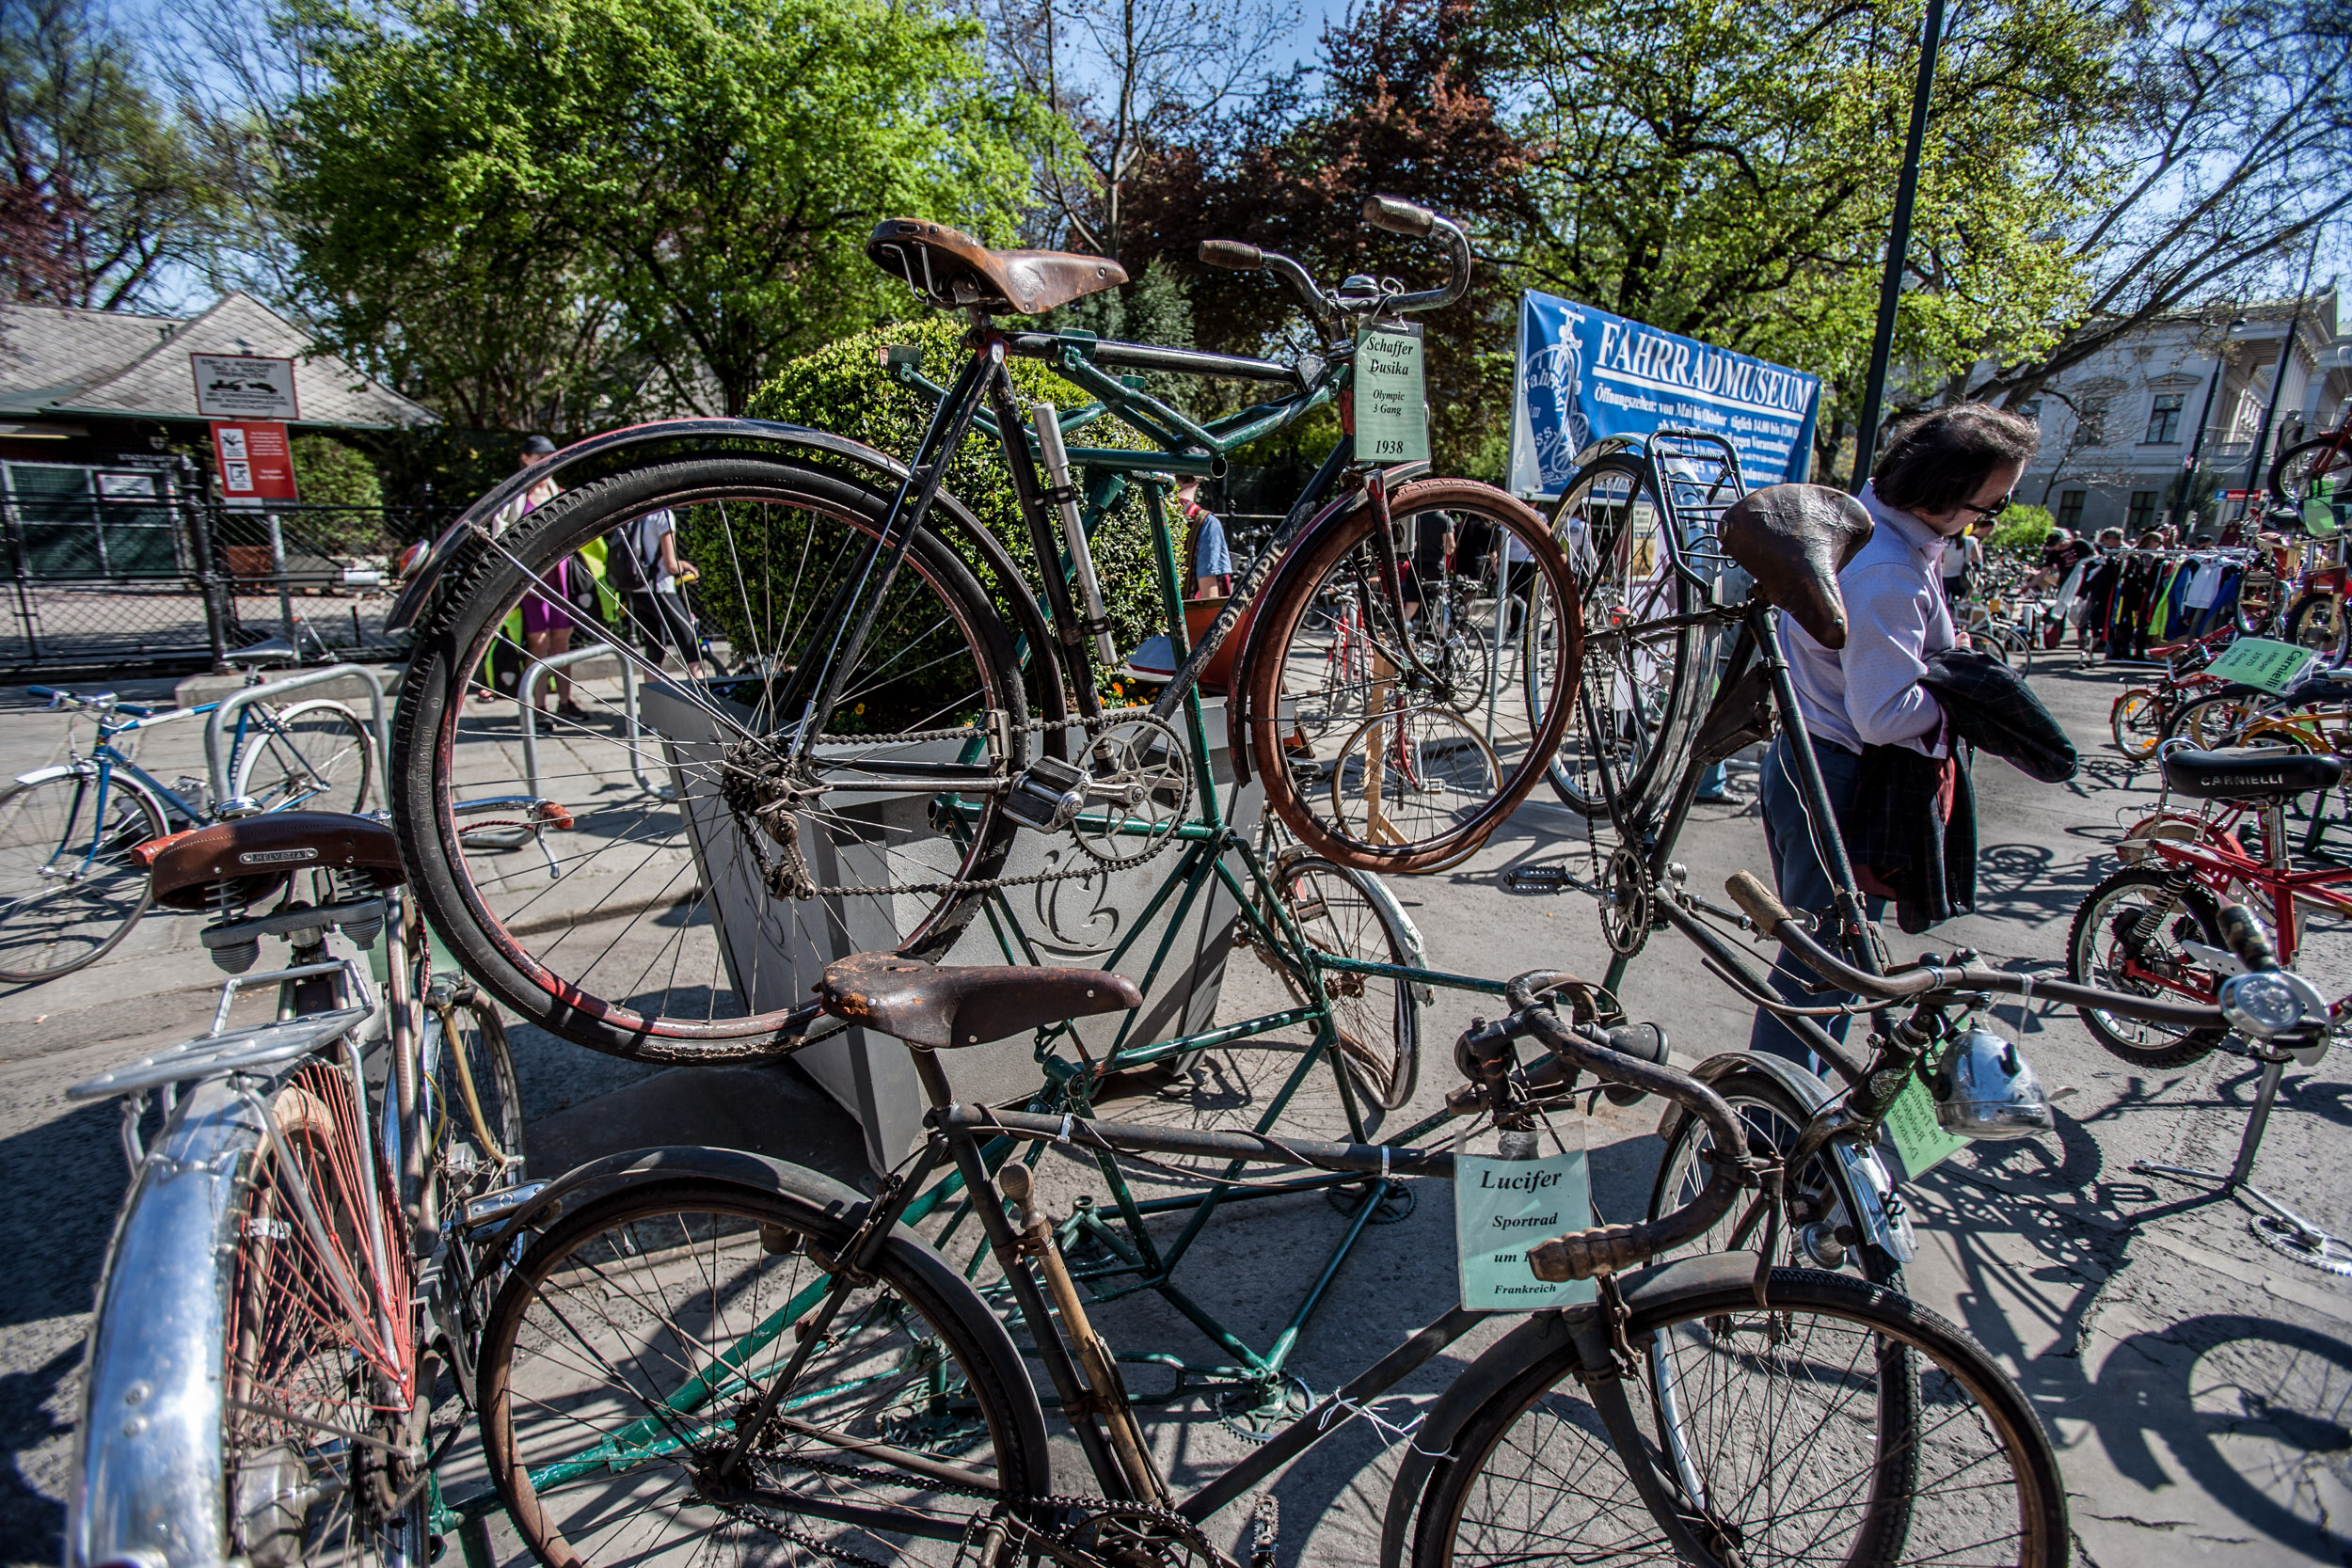 Zu bewundern waren beide Exponate sowie viele andere, alte Räder mehr im bereits traditionellen Histo-Corner.